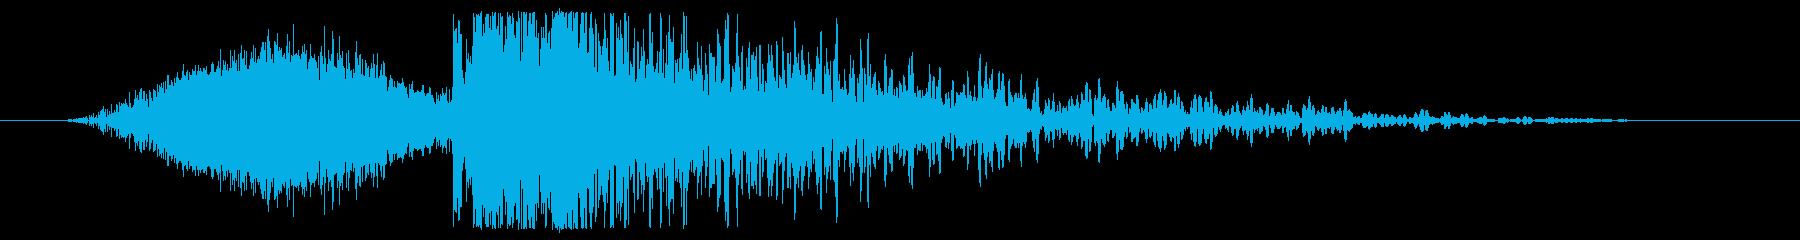 宇宙粒子爆発の再生済みの波形